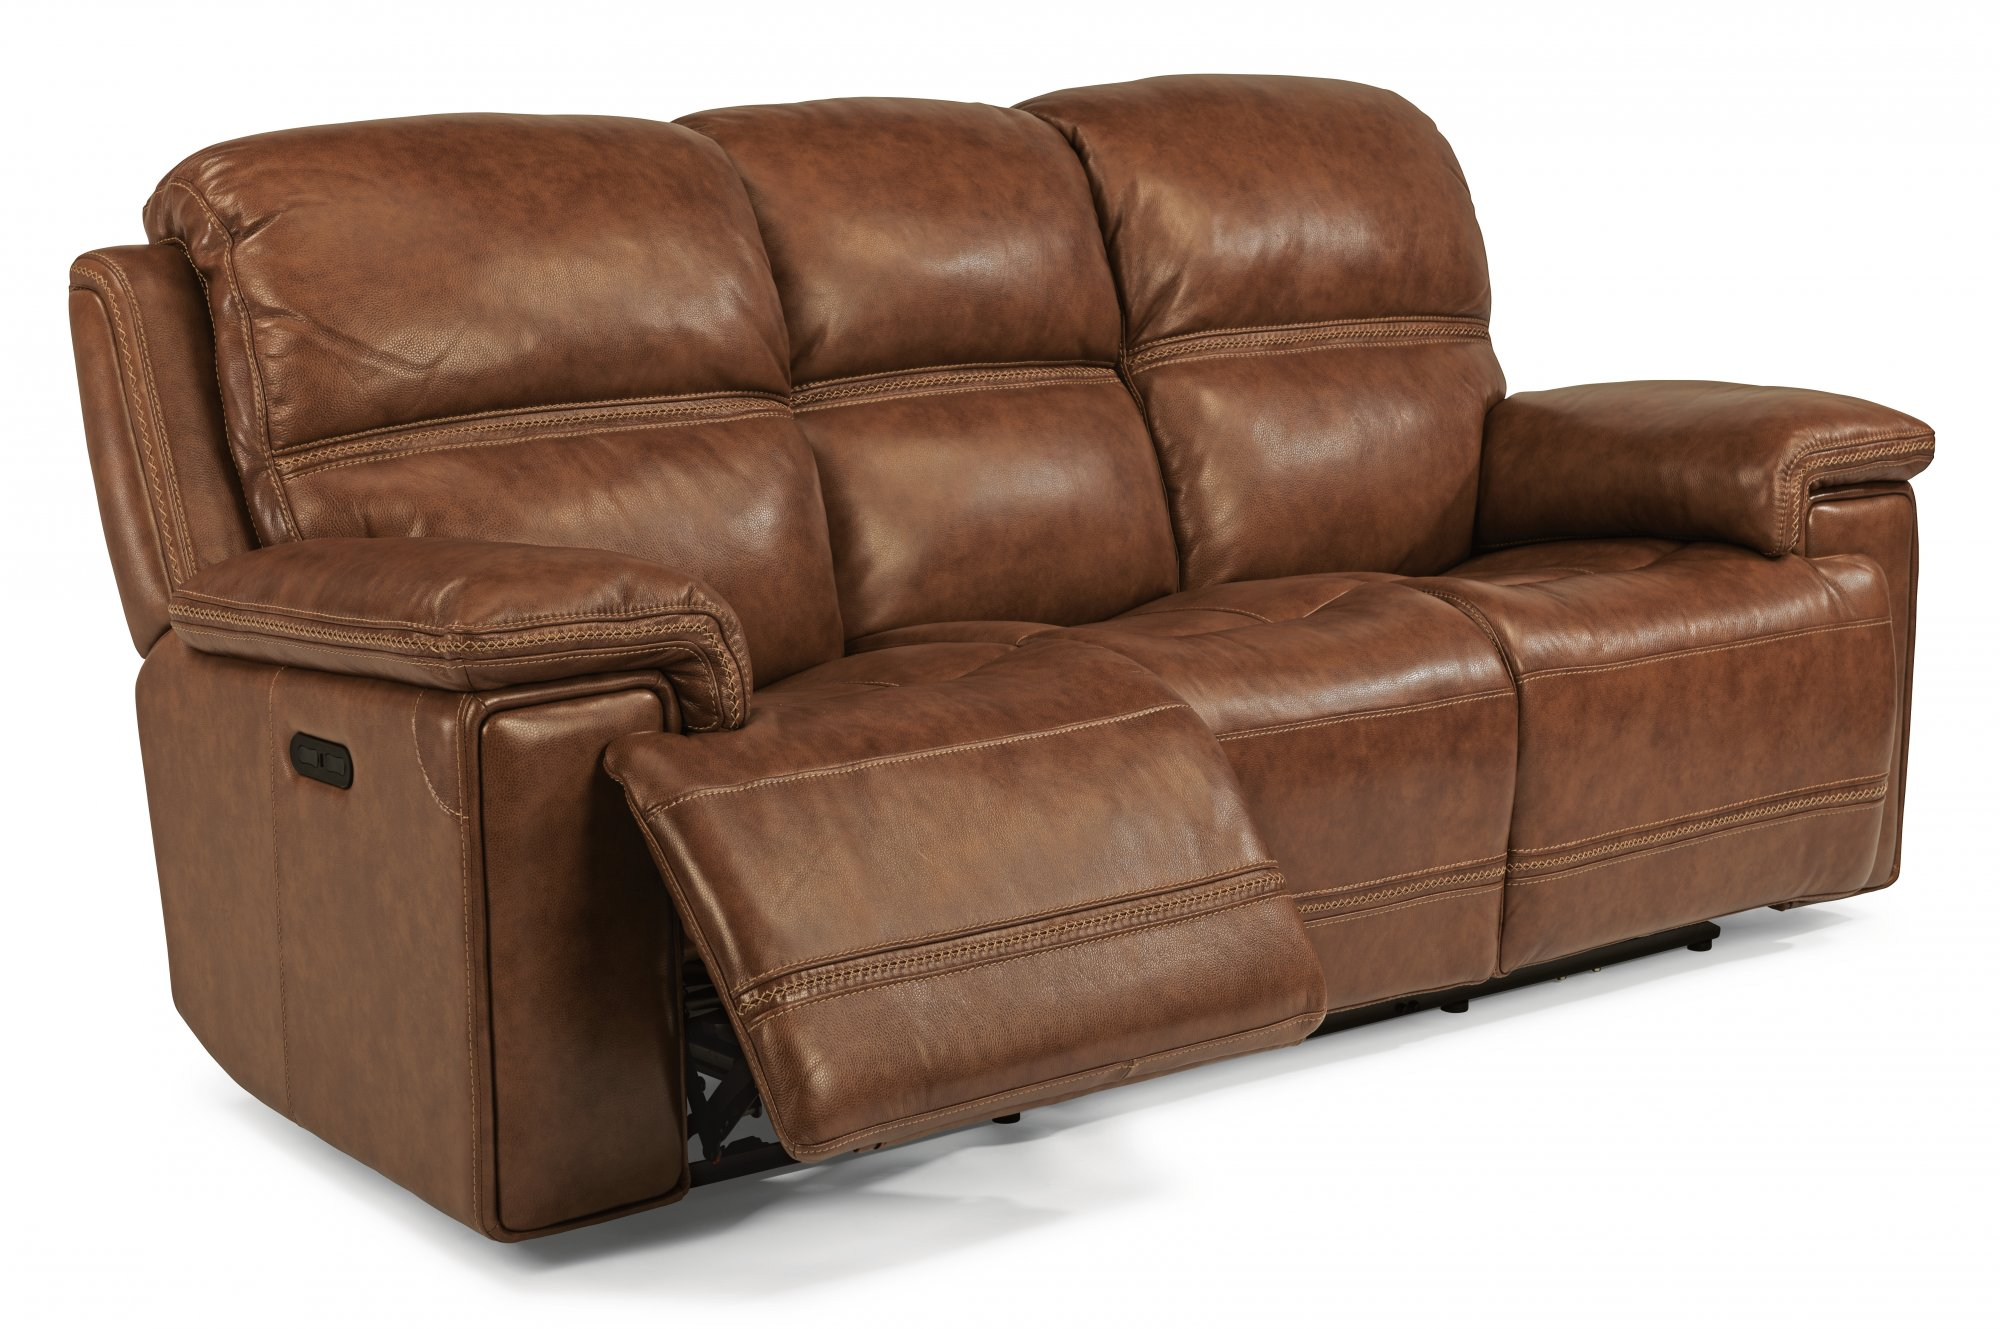 leather power reclining sofa Flexsteel Fenwick LEATHER POWER RECLINING SOFA W/ HEADRESTS leather power reclining sofa